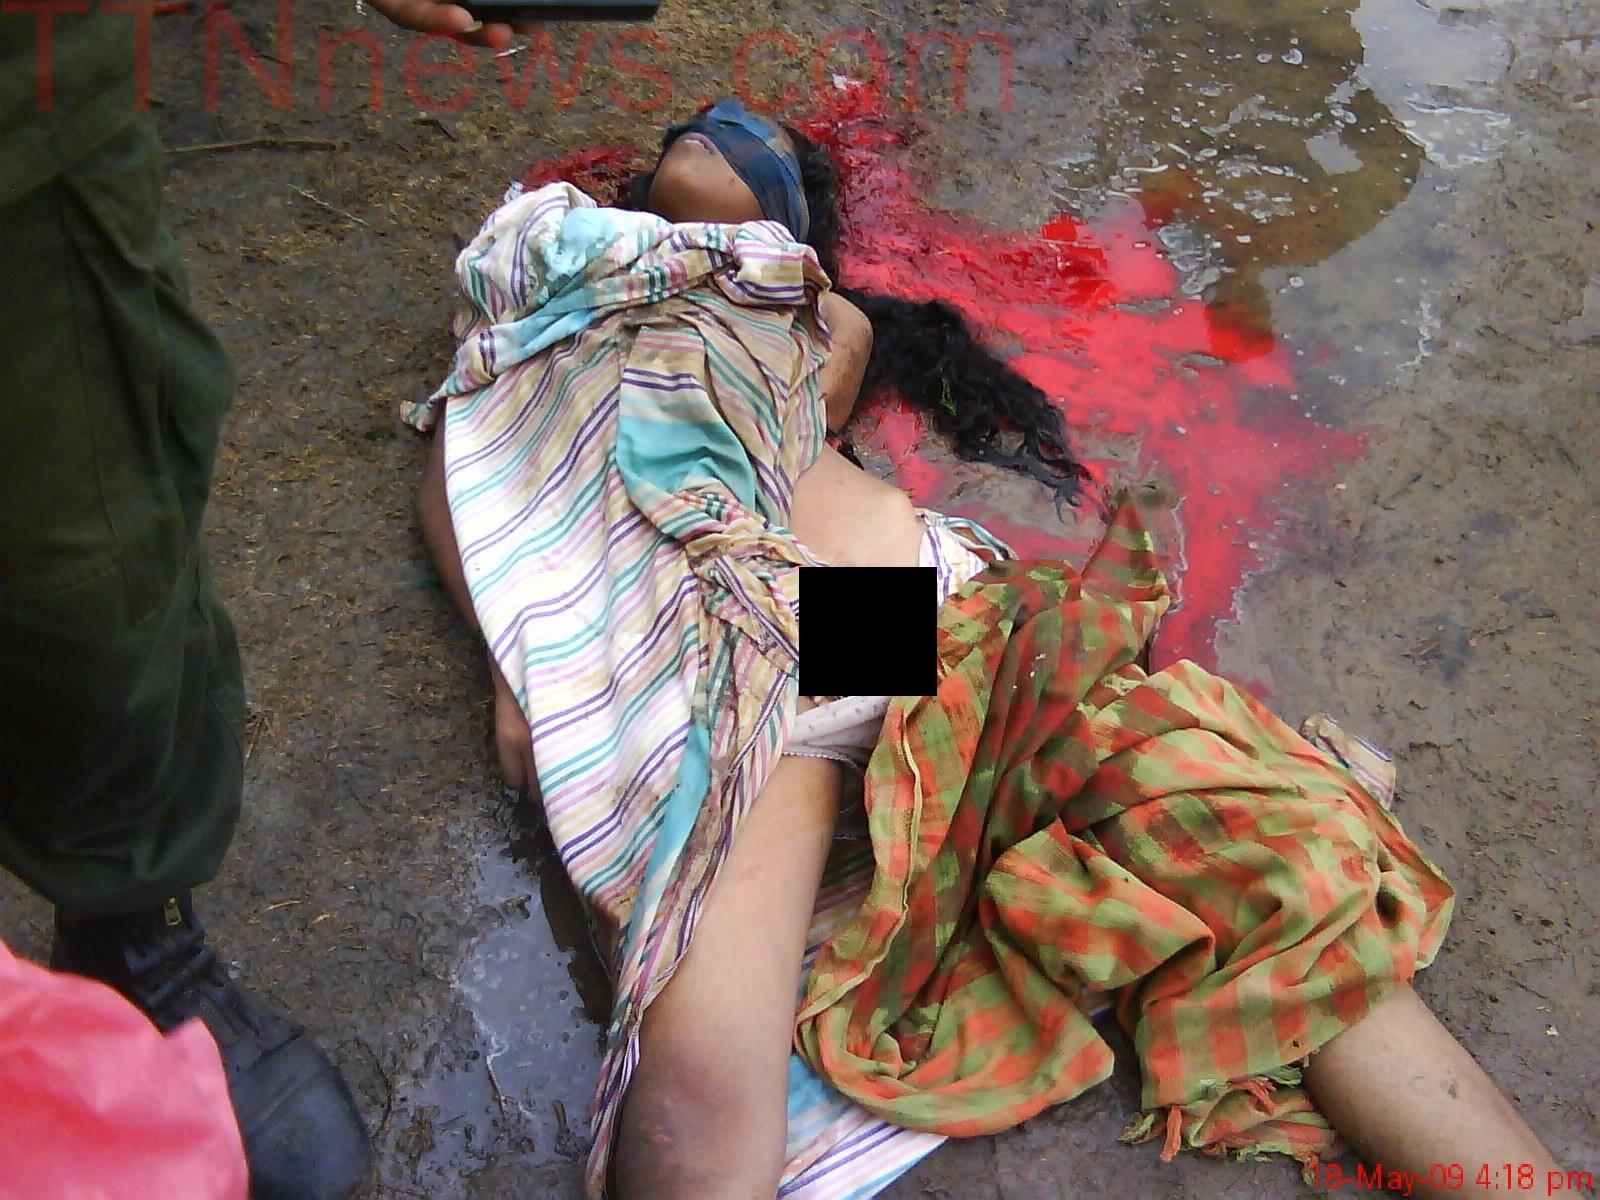 Abuses under sri lanka's prevention of terrorism act